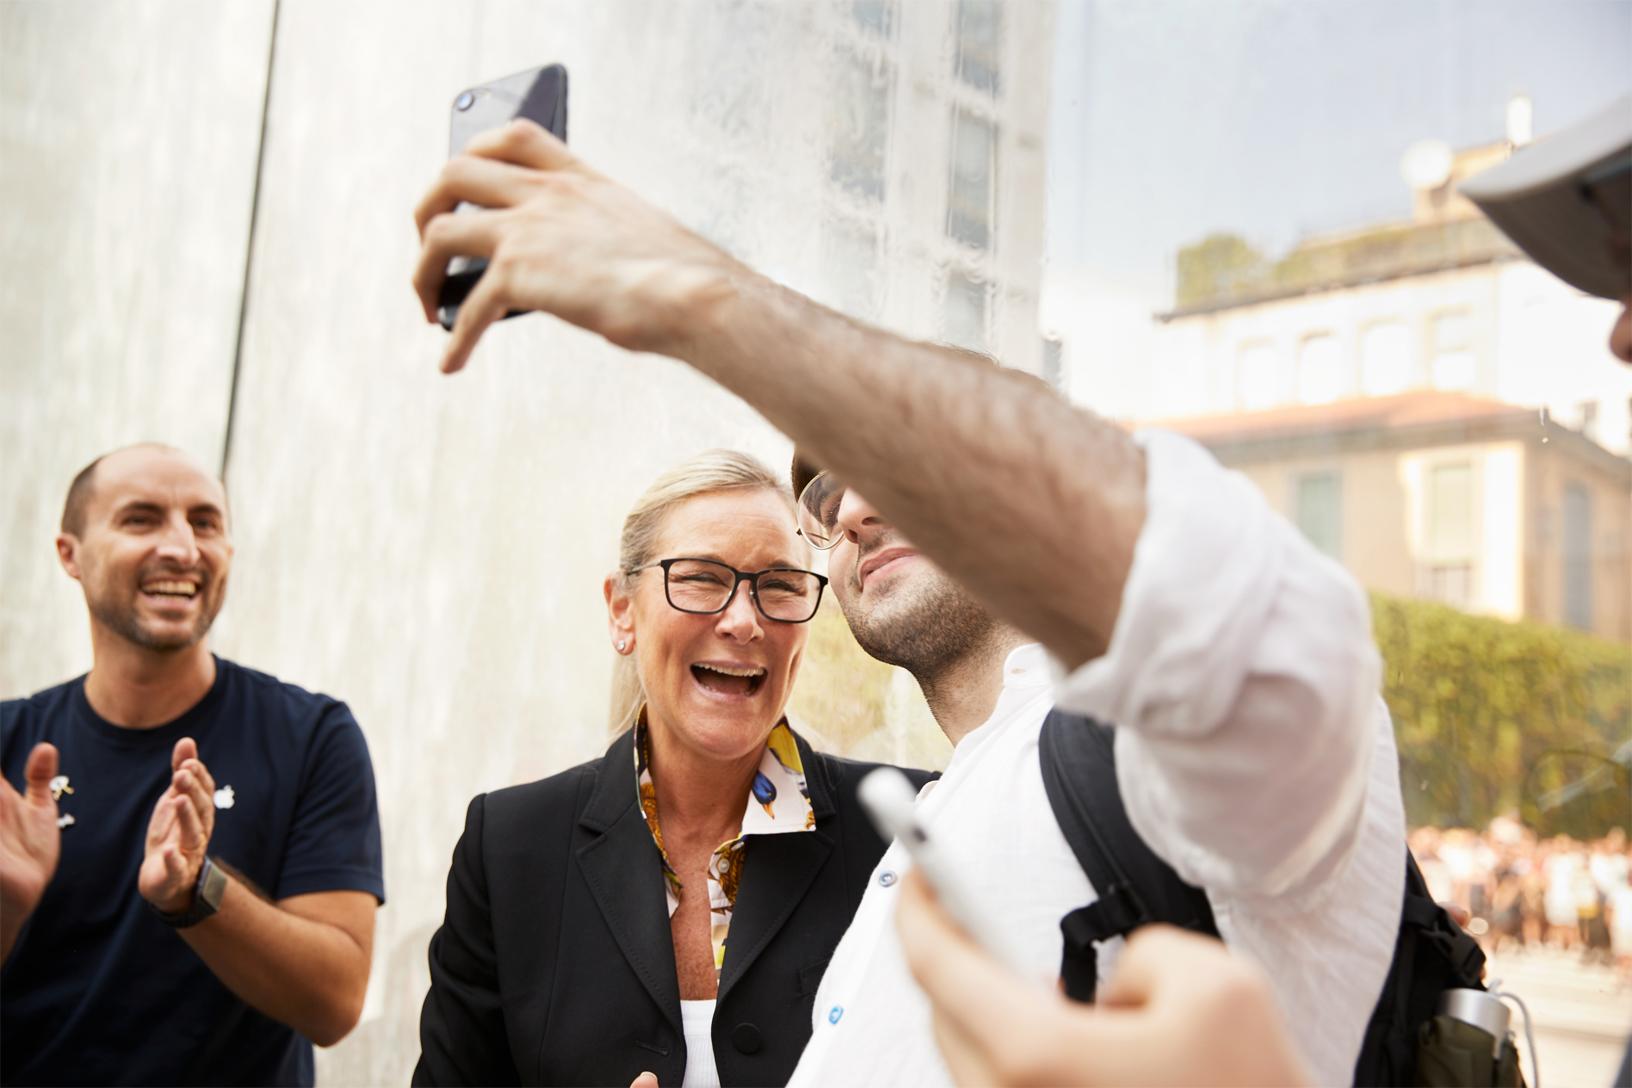 Première interview d'Angela Ahrendts après son départ d'Apple 1